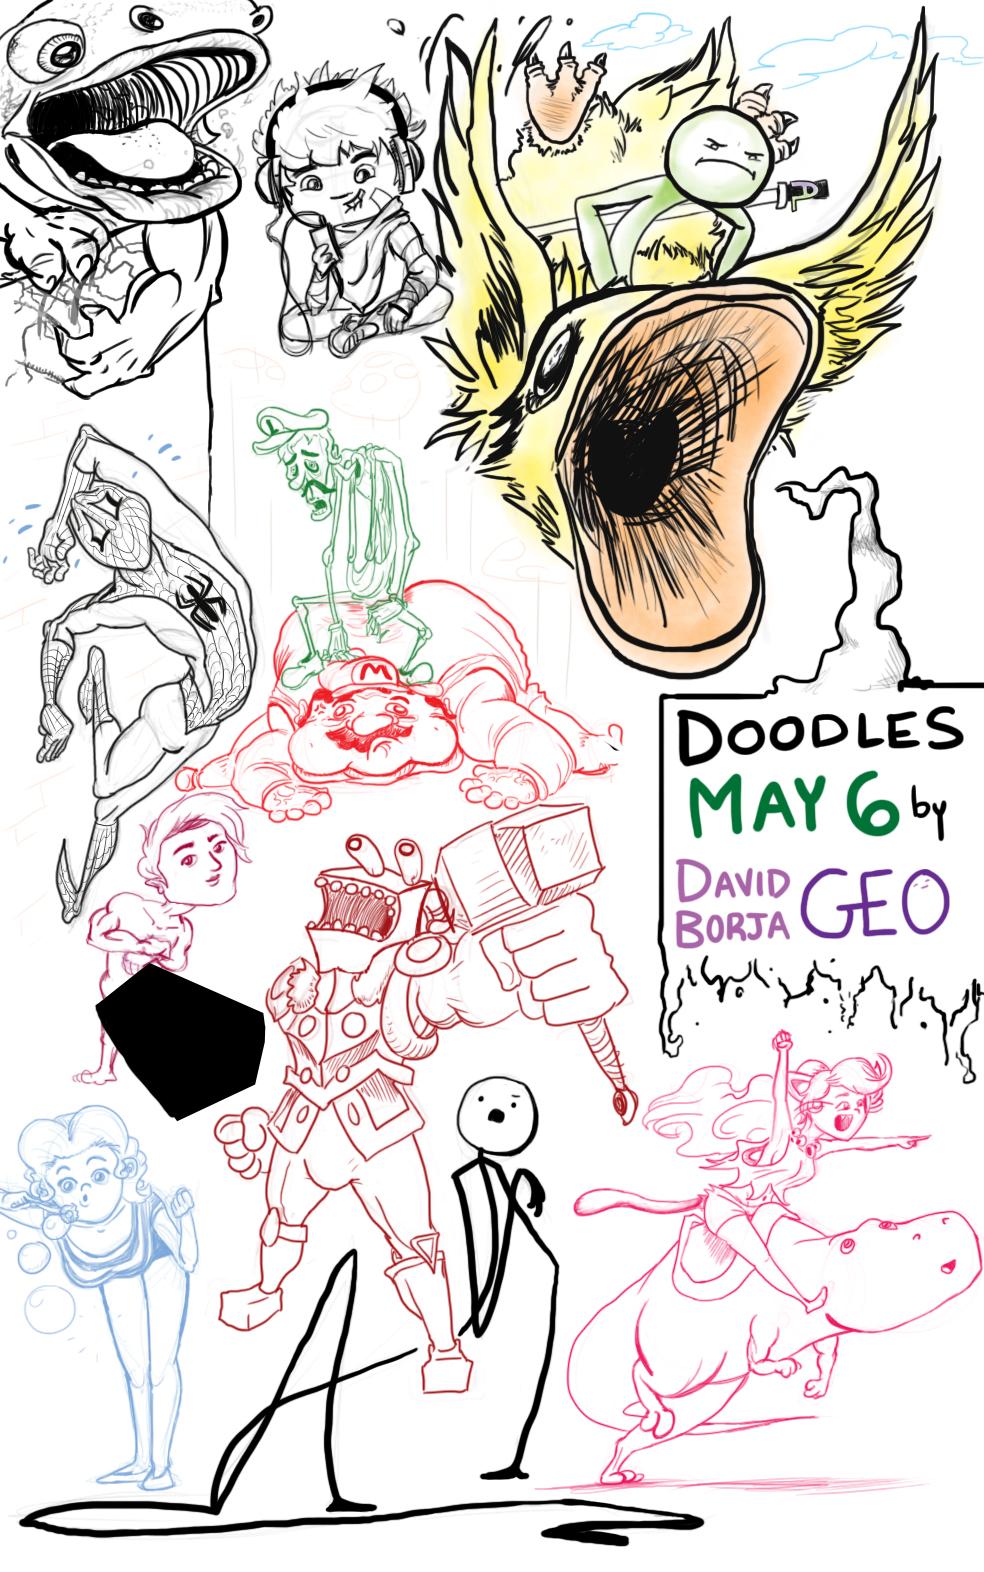 Geodoodles May 6